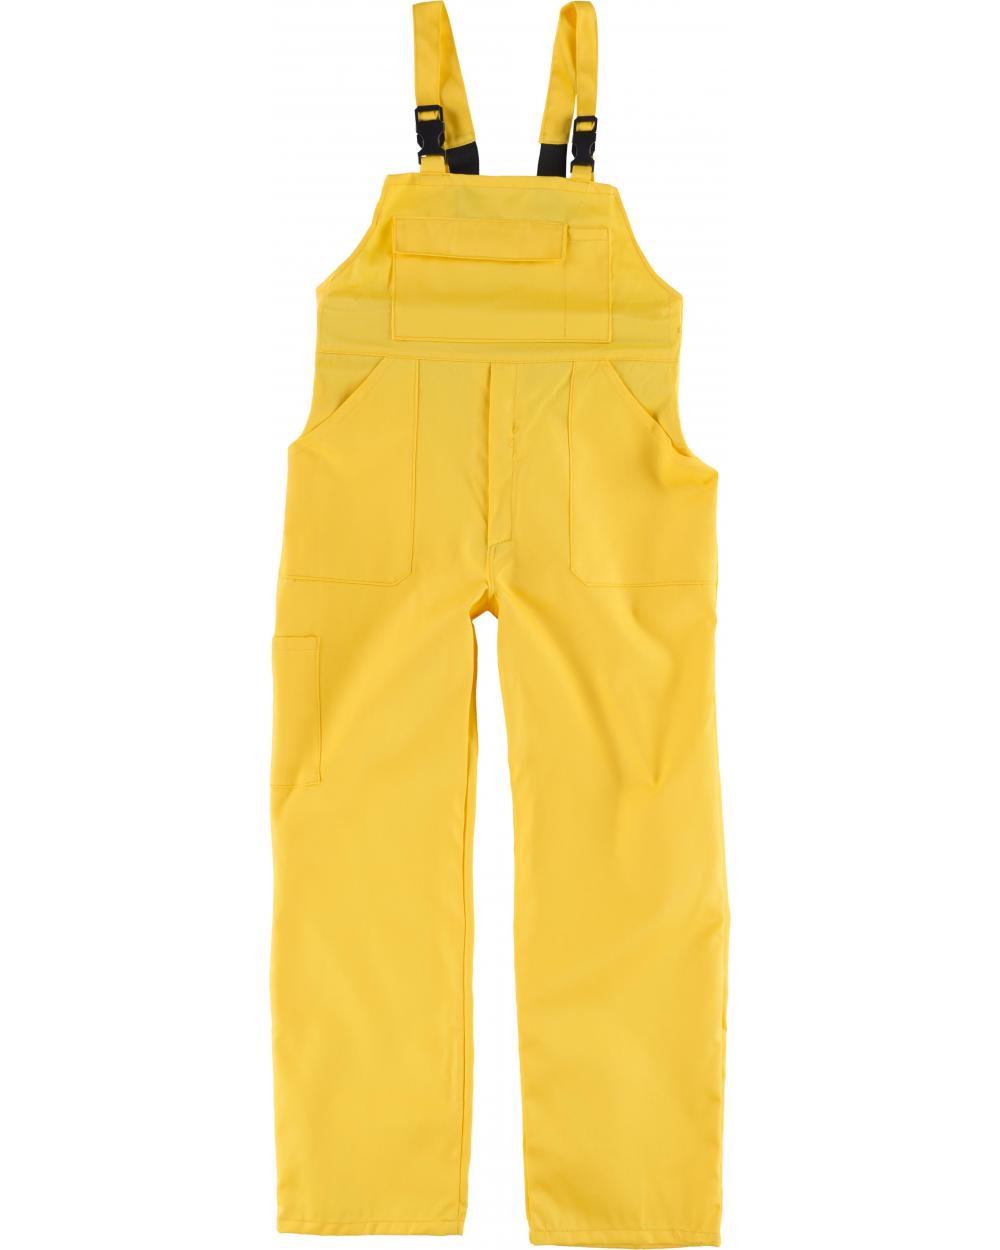 Comprar Peto de trabajo para niño B2701 Amarillo workteam delante